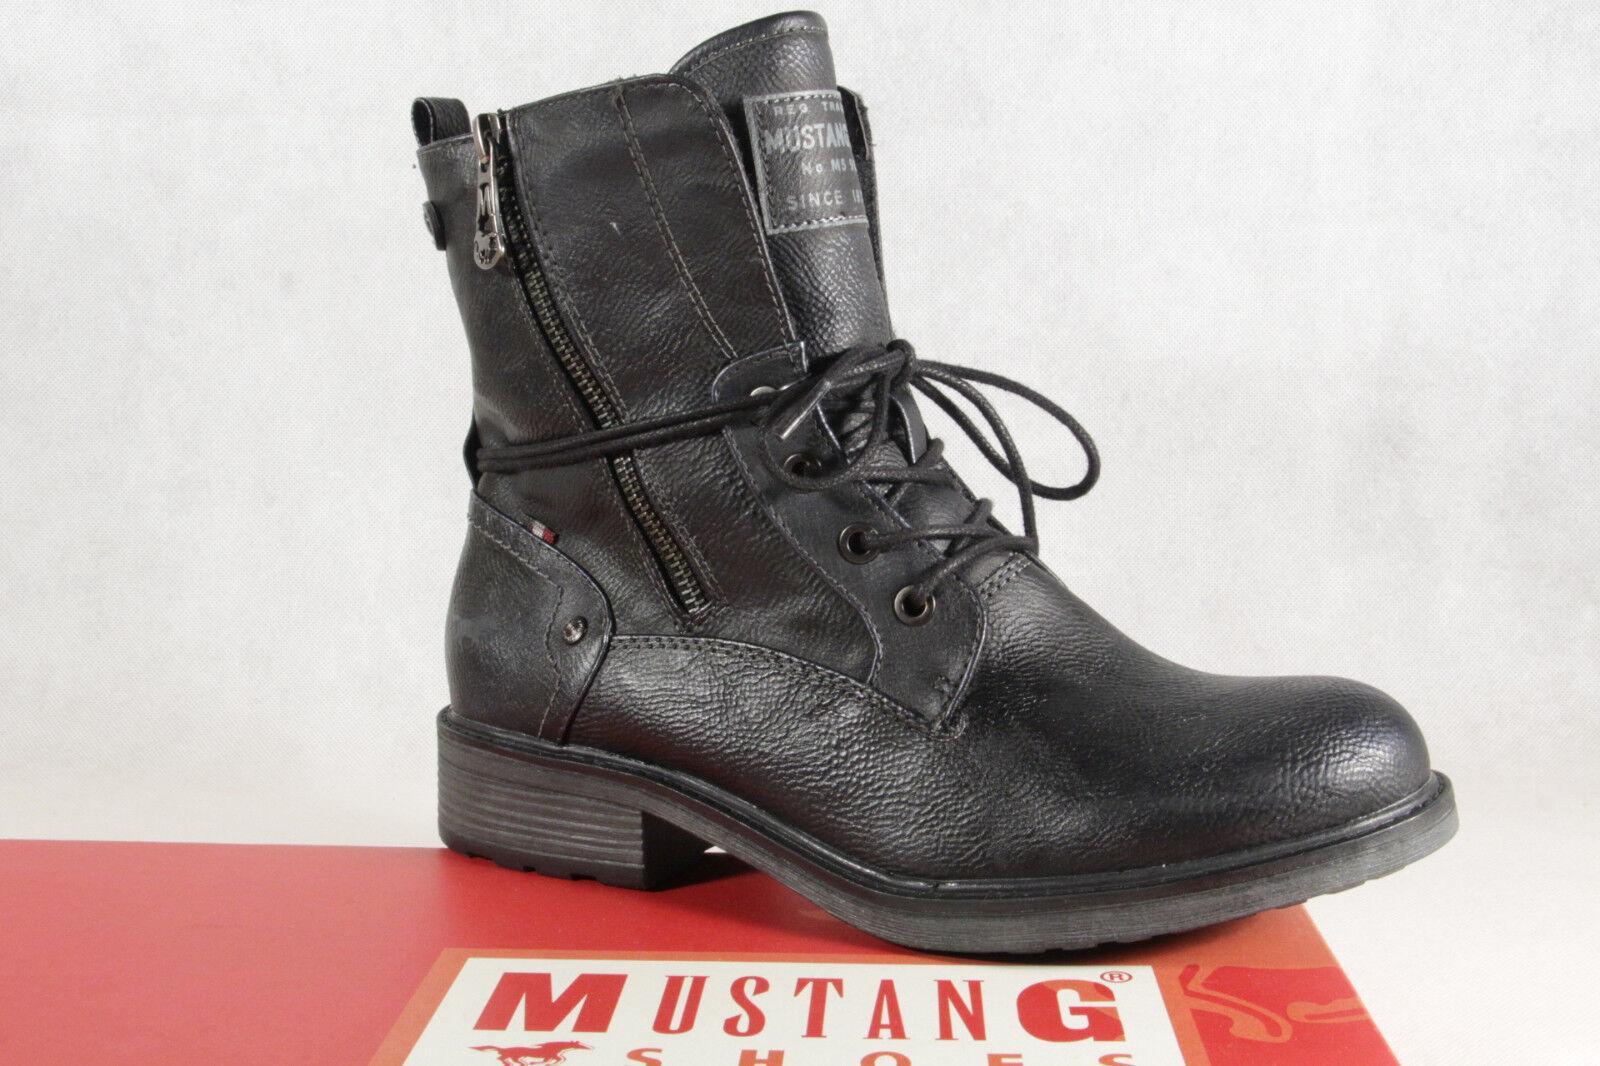 8c44a476c20 Mustang botas Botines botas con Cordón Azul Marino 1264 ¡Nuevo nbhahy2722- Botas